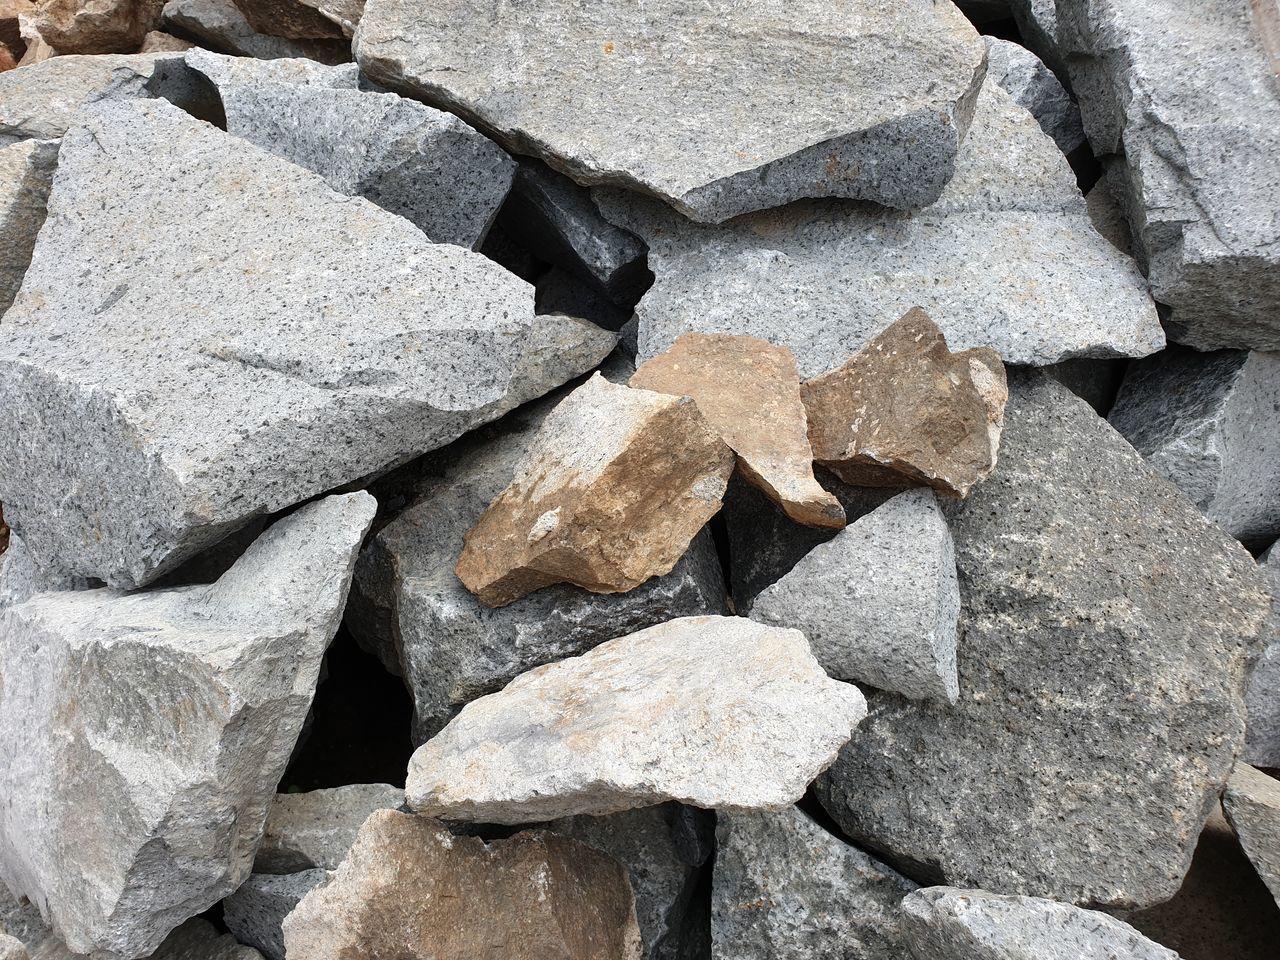 FULL FRAME SHOT OF ROCKS ON CONCRETE